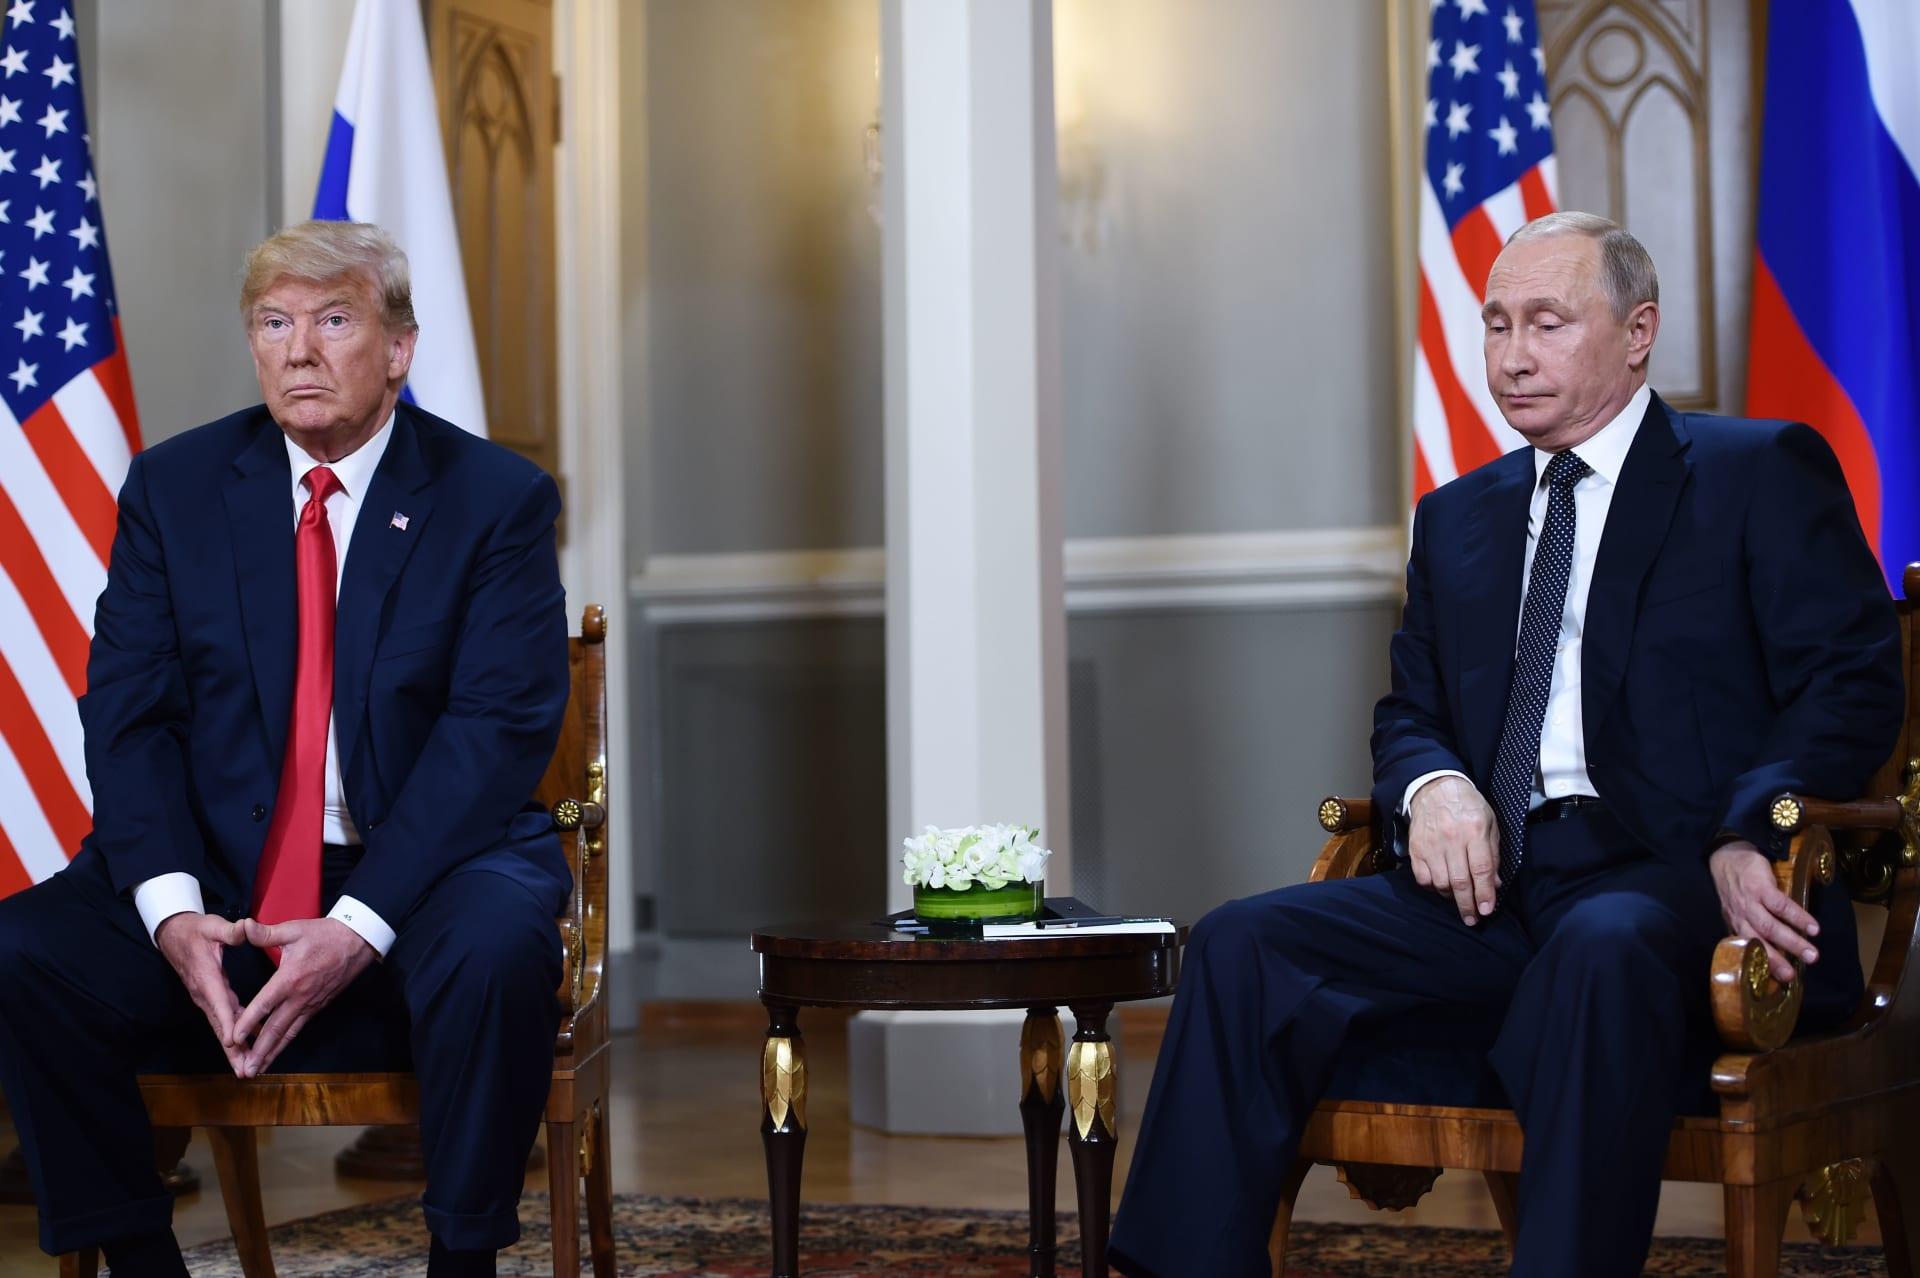 بوتين: لن نغمض أعيننا عن تهديدات الصواريخ الأمريكية